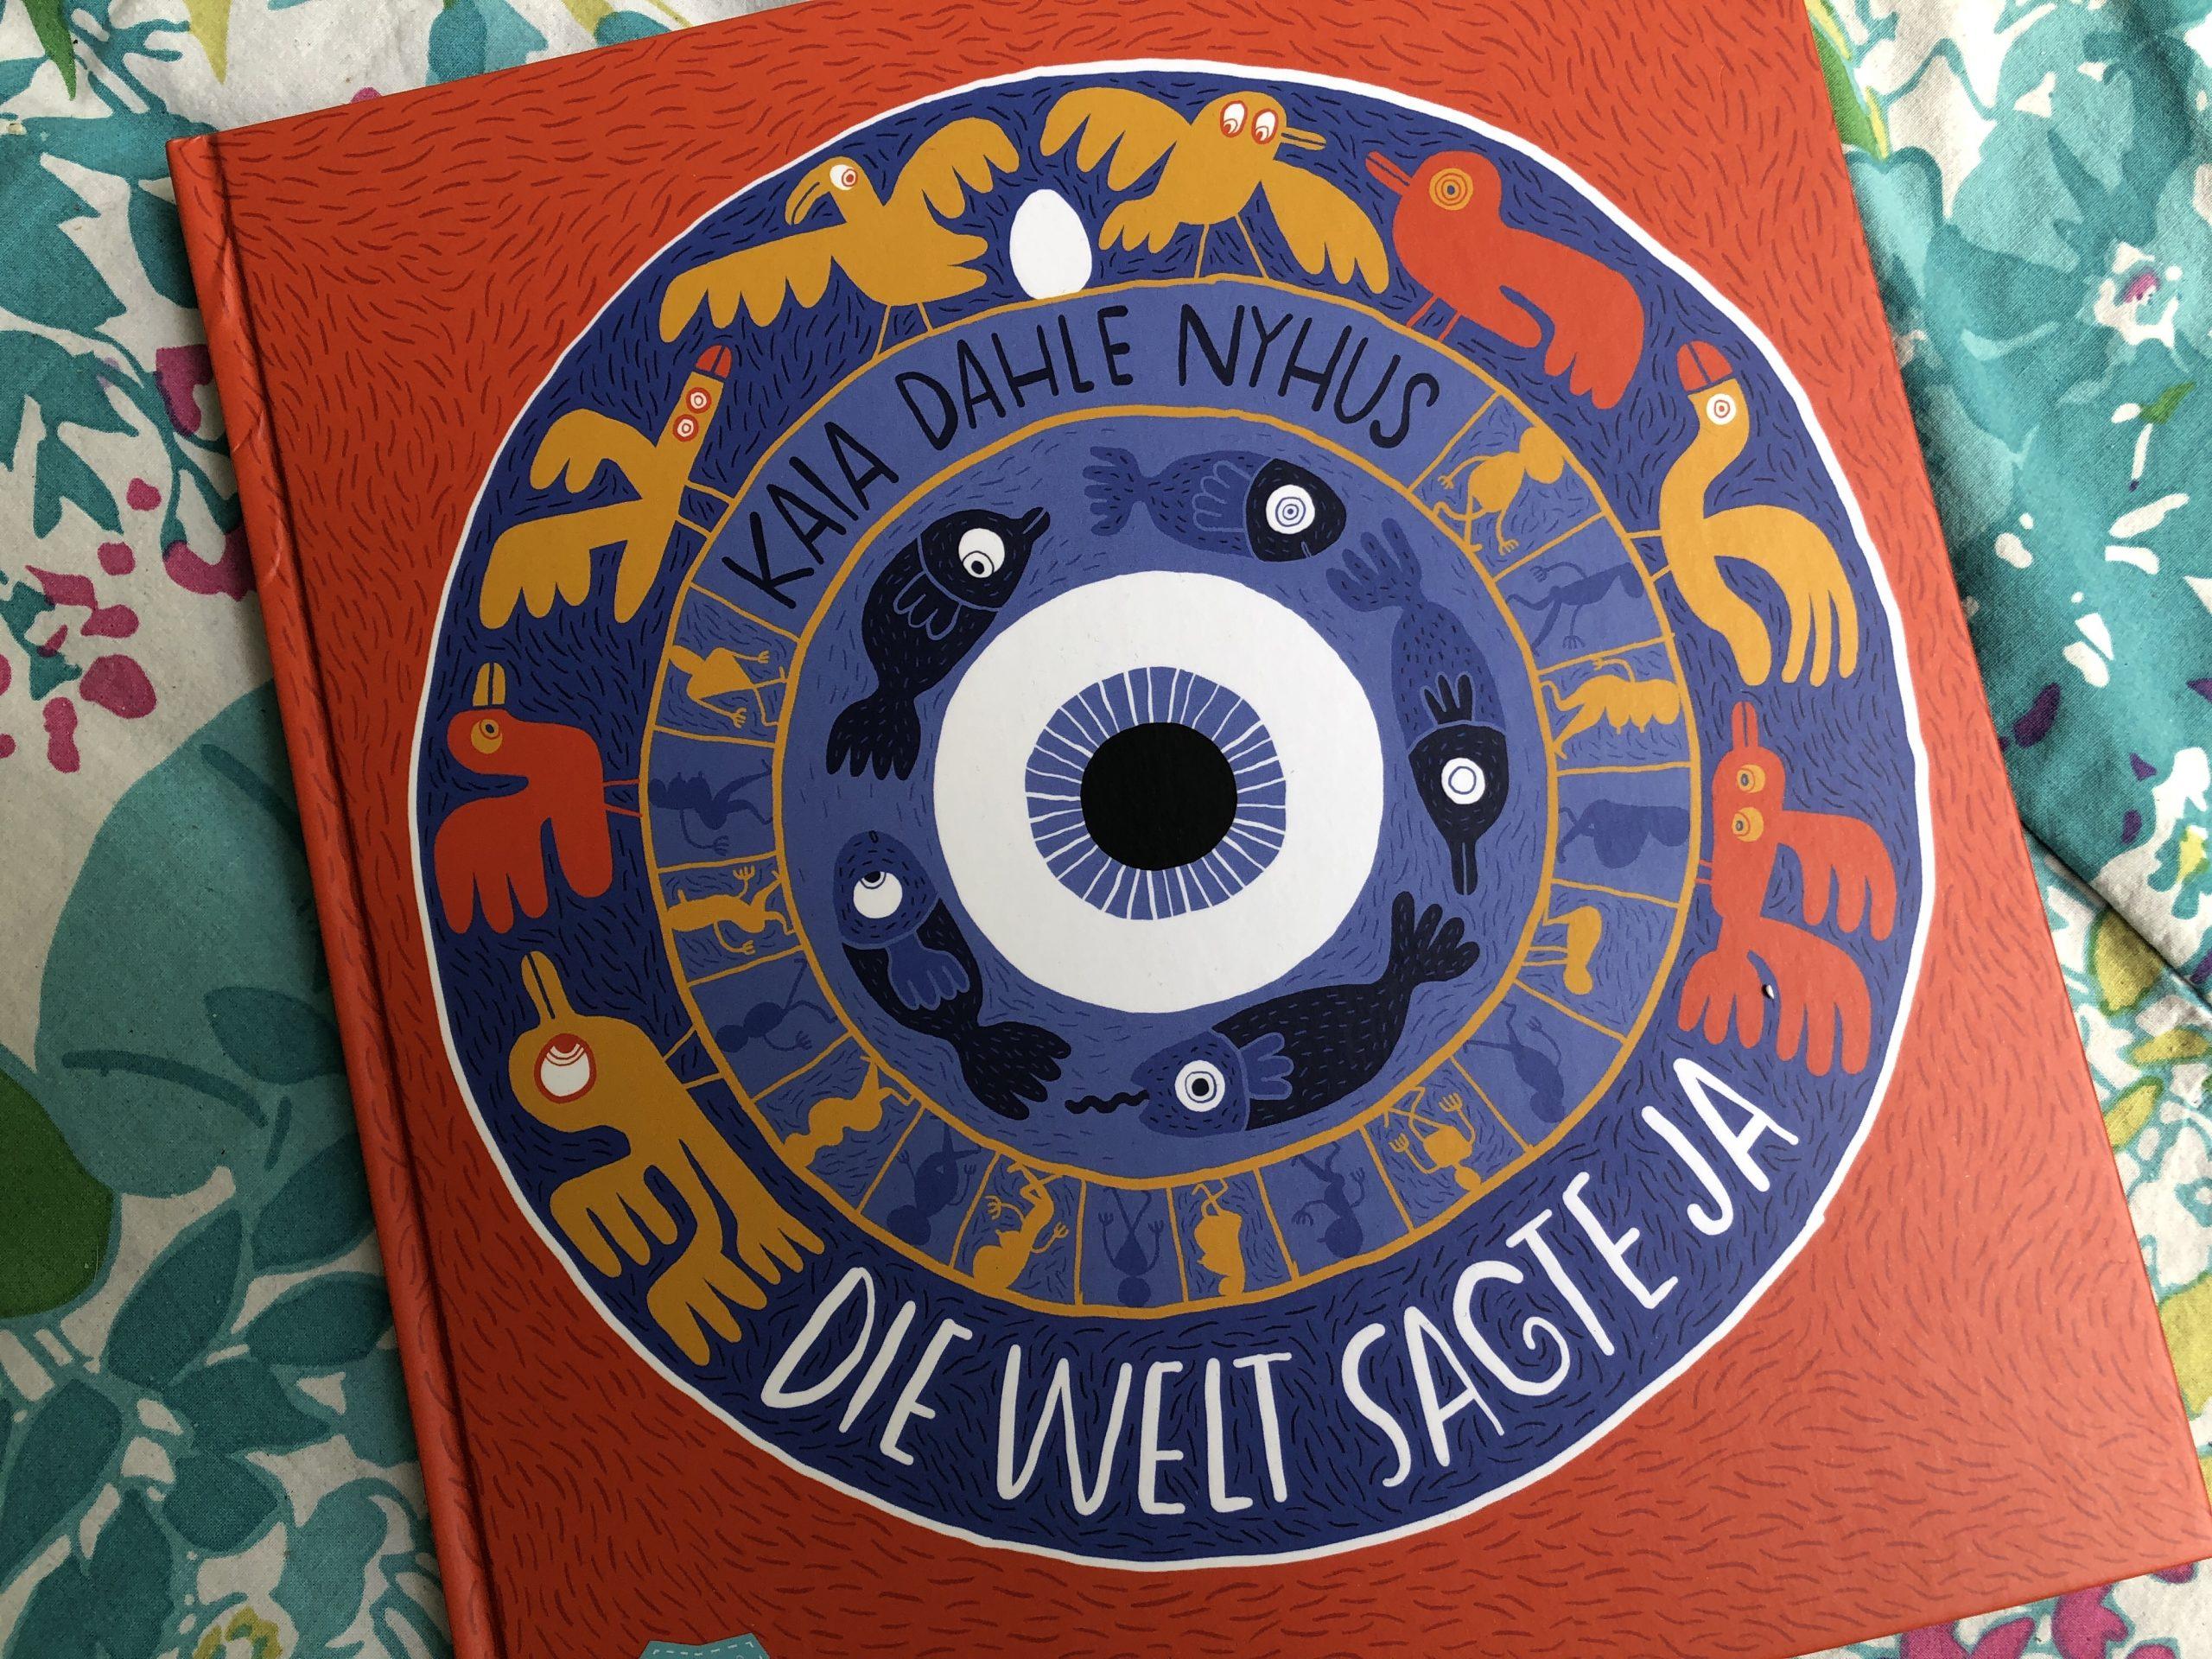 Kaia Dahle Nyhus: Die Welt sagt ja